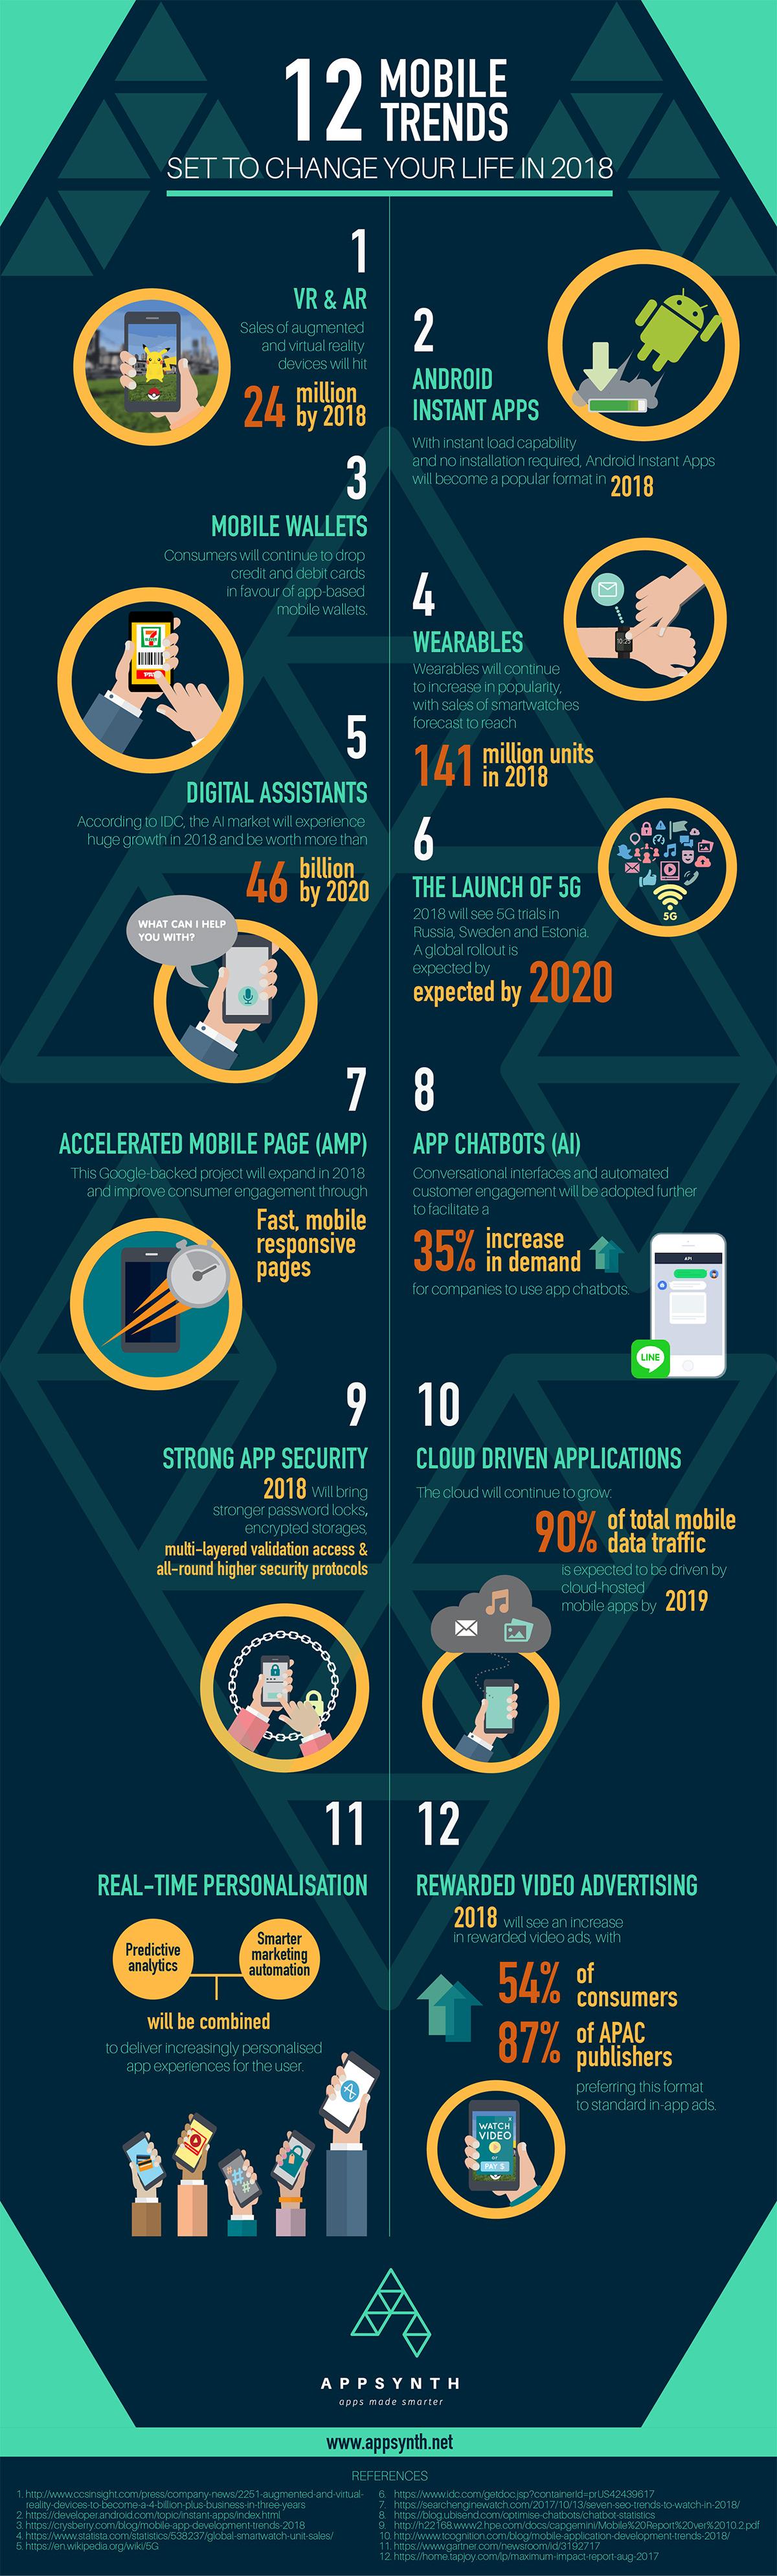 12 mobile trends die je leven in 2018 gaan veranderen tomorrowmobile - Mobel trends 2018 ...